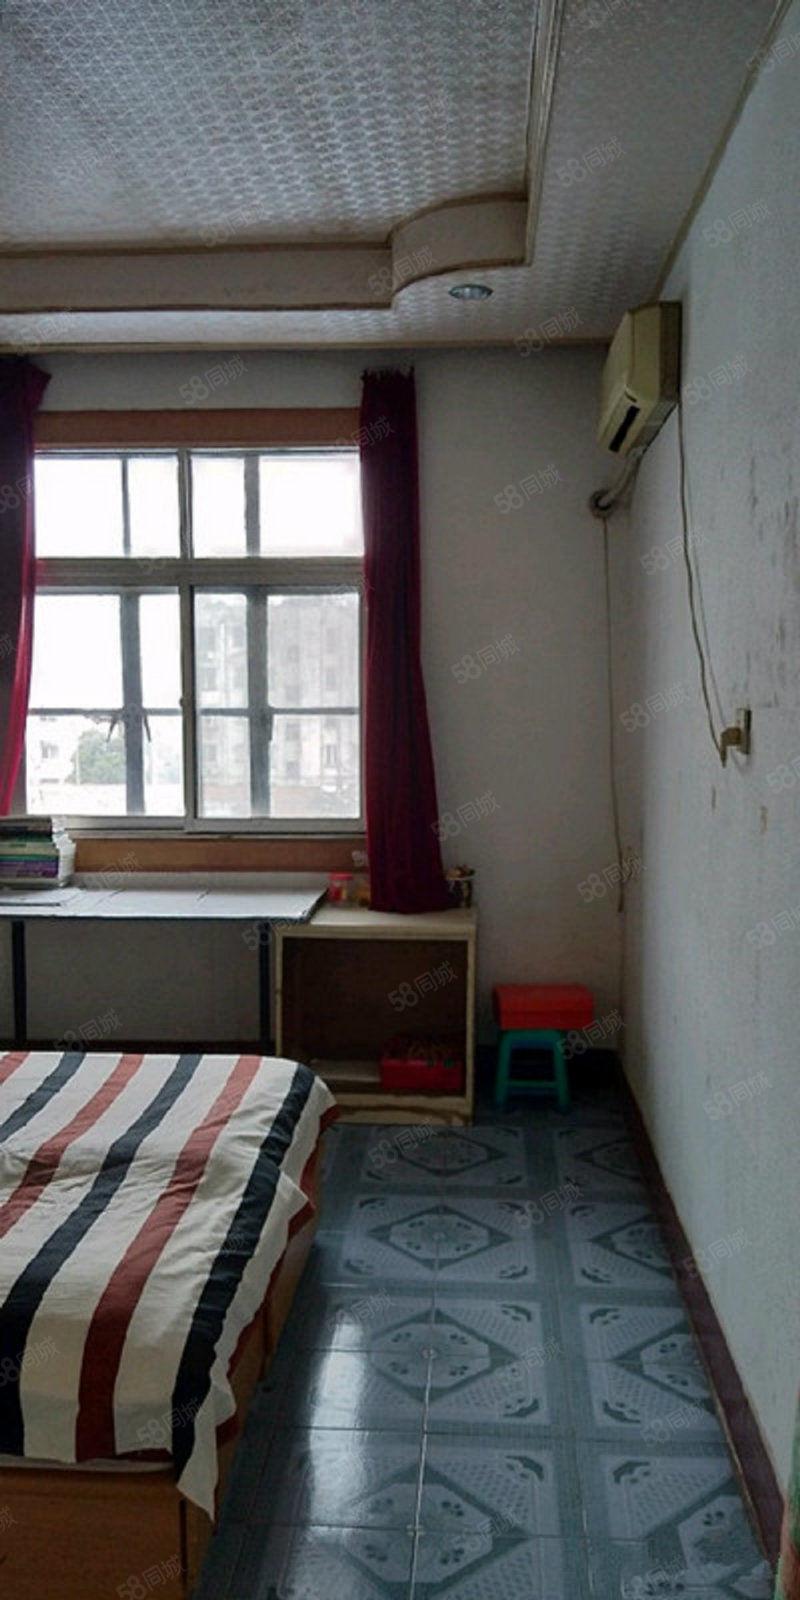 学院路学院宿舍宿舍设施齐全出行方便